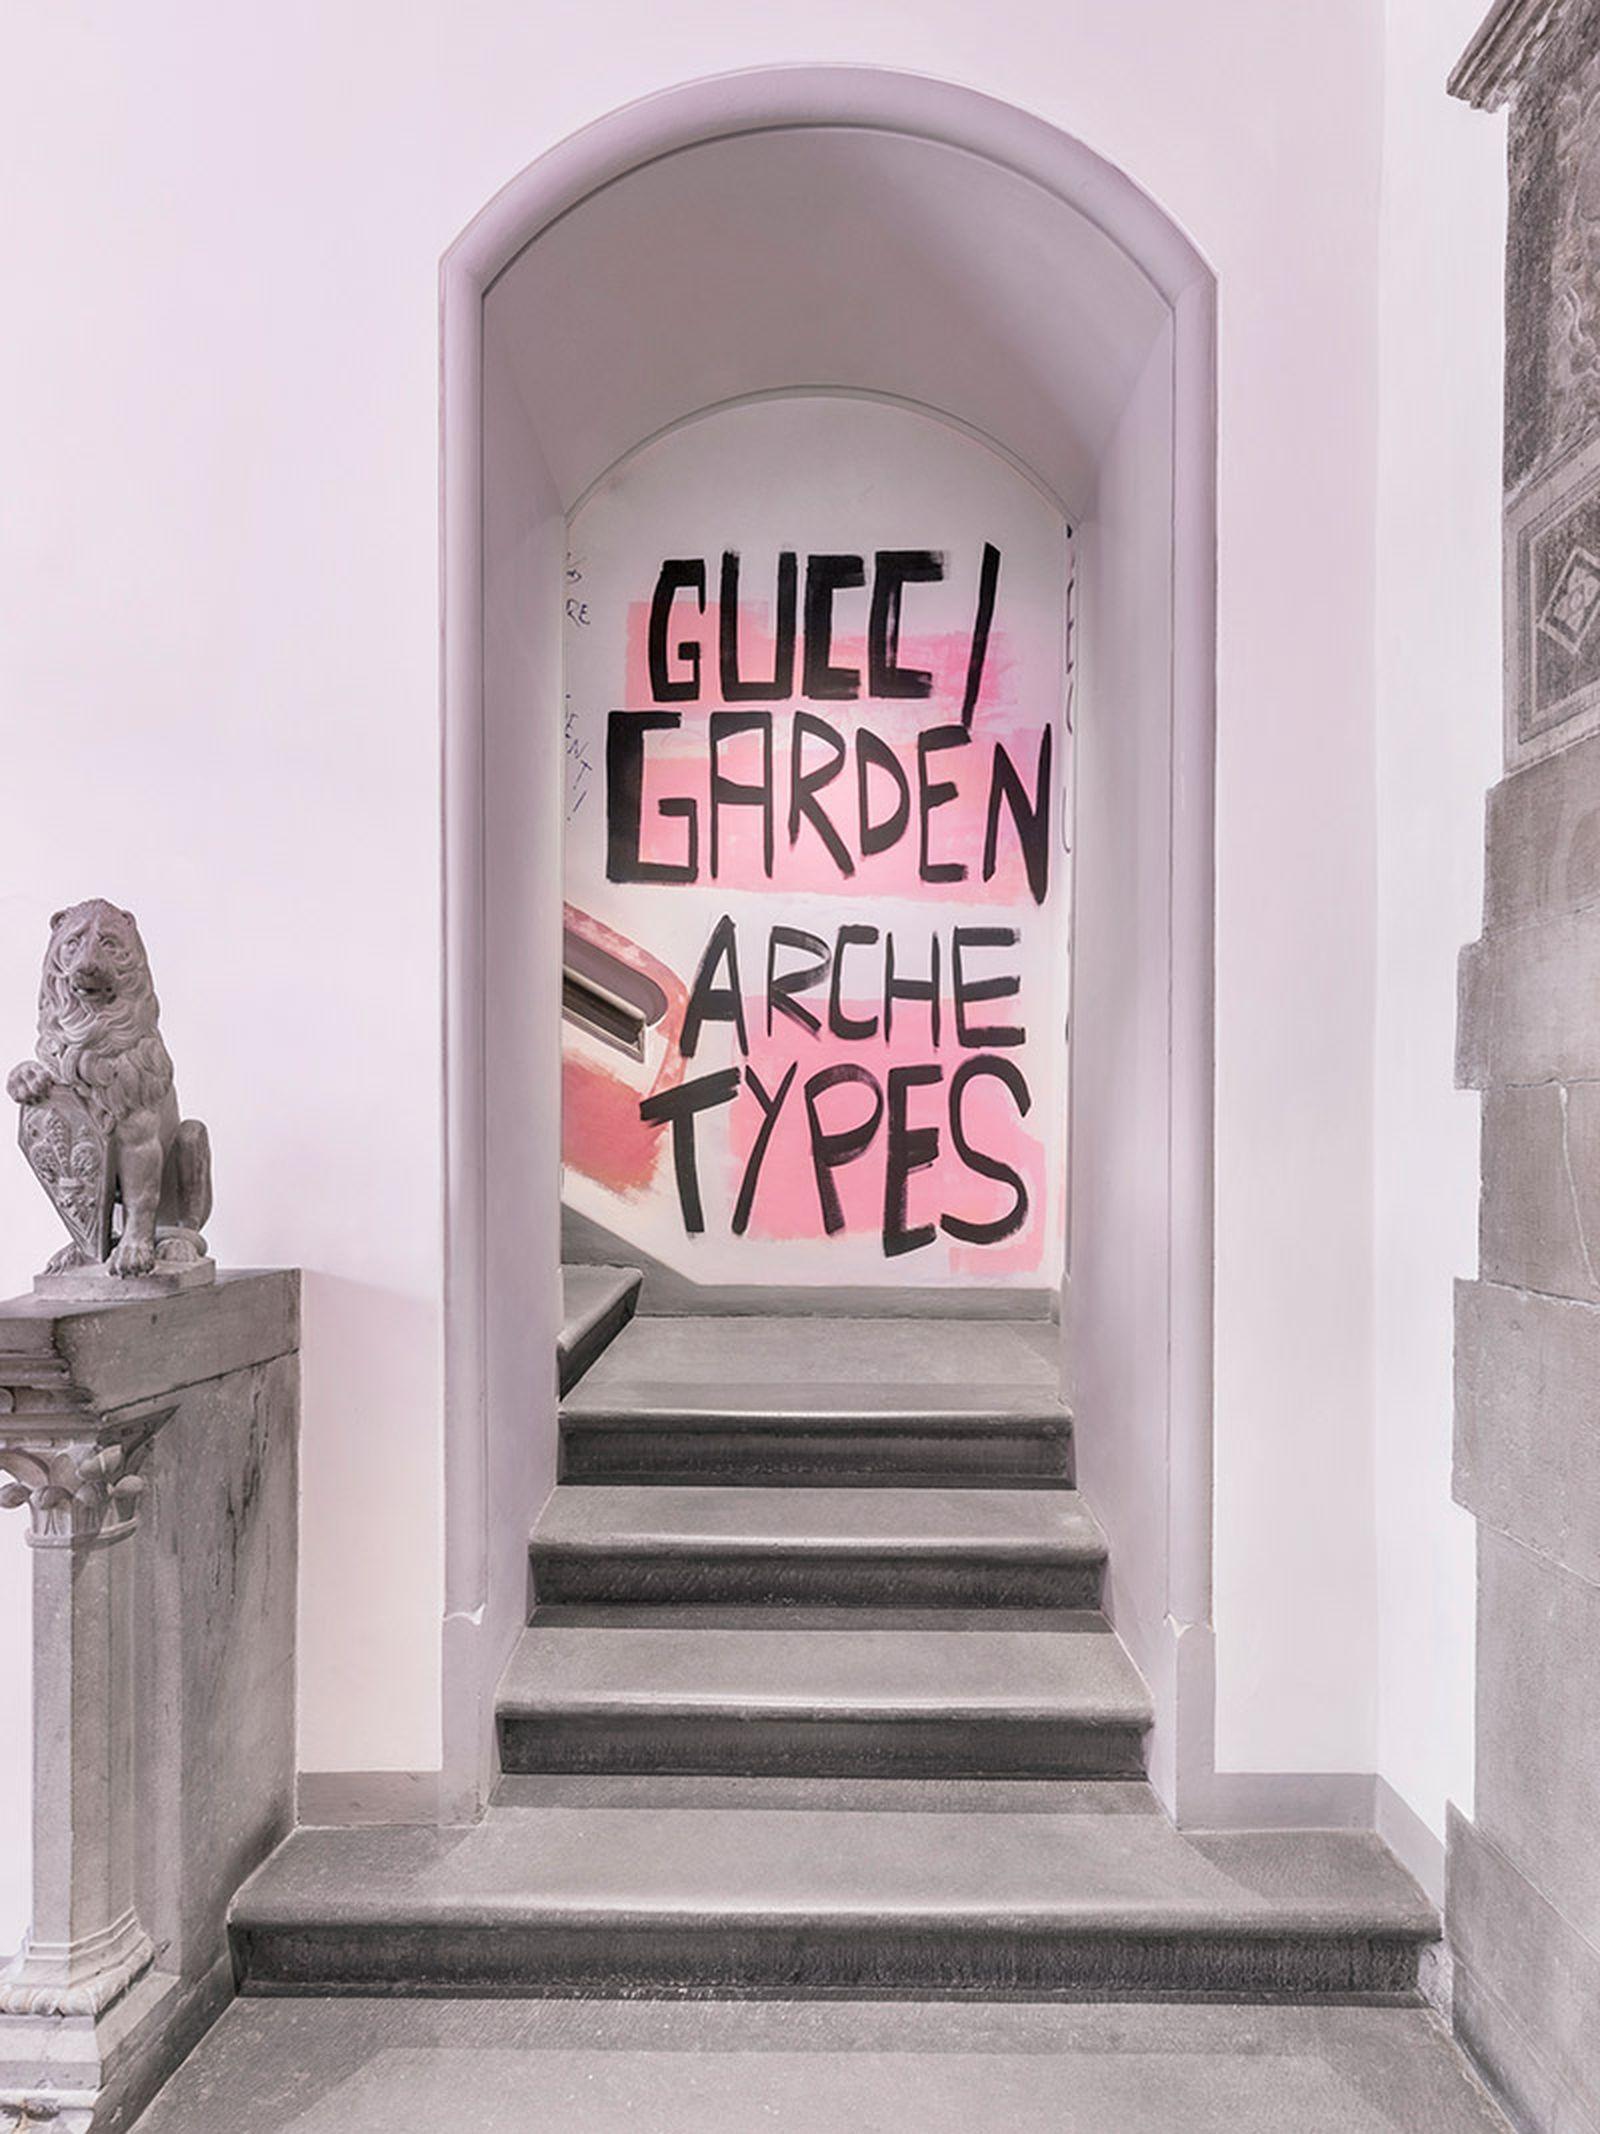 gucci-garden-archetypes-exhibit-09